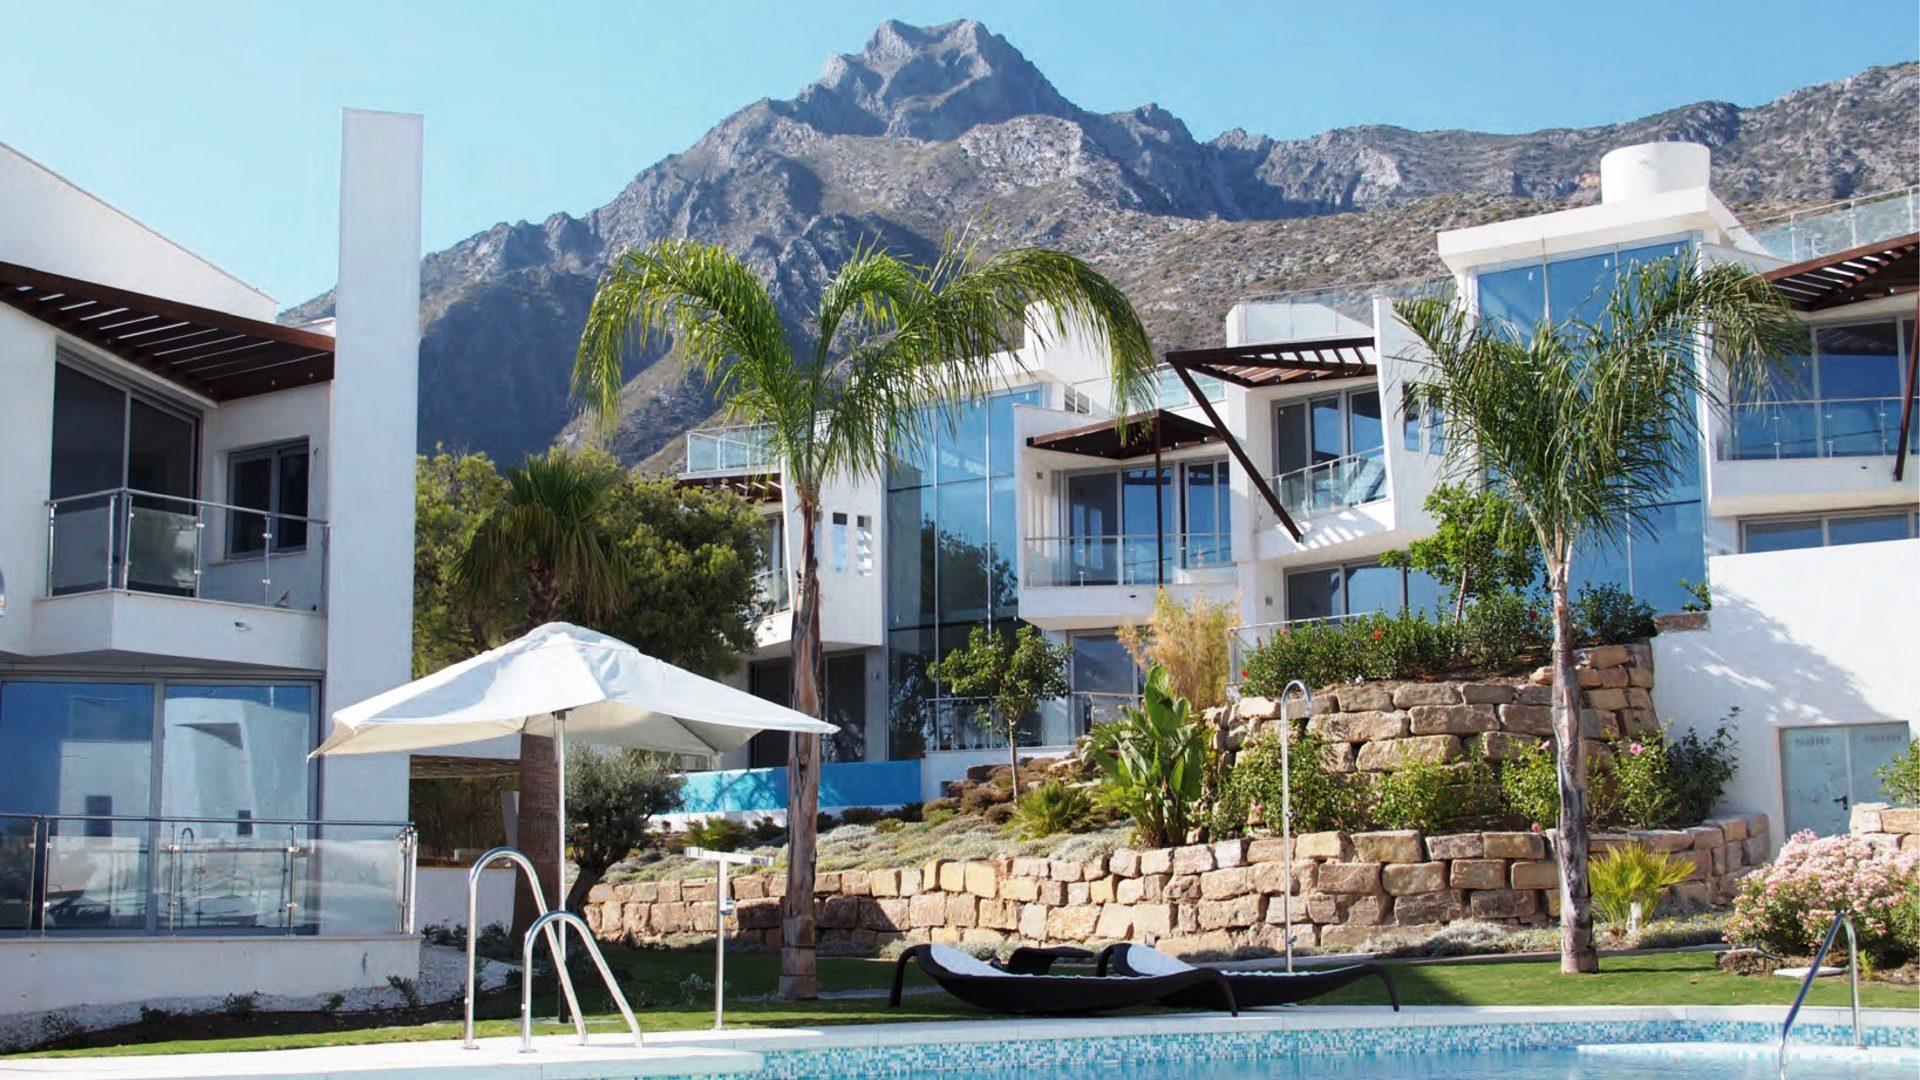 Sierra Blanca, le luxe le plus attractif de Marbella - Marbella Unique Properties